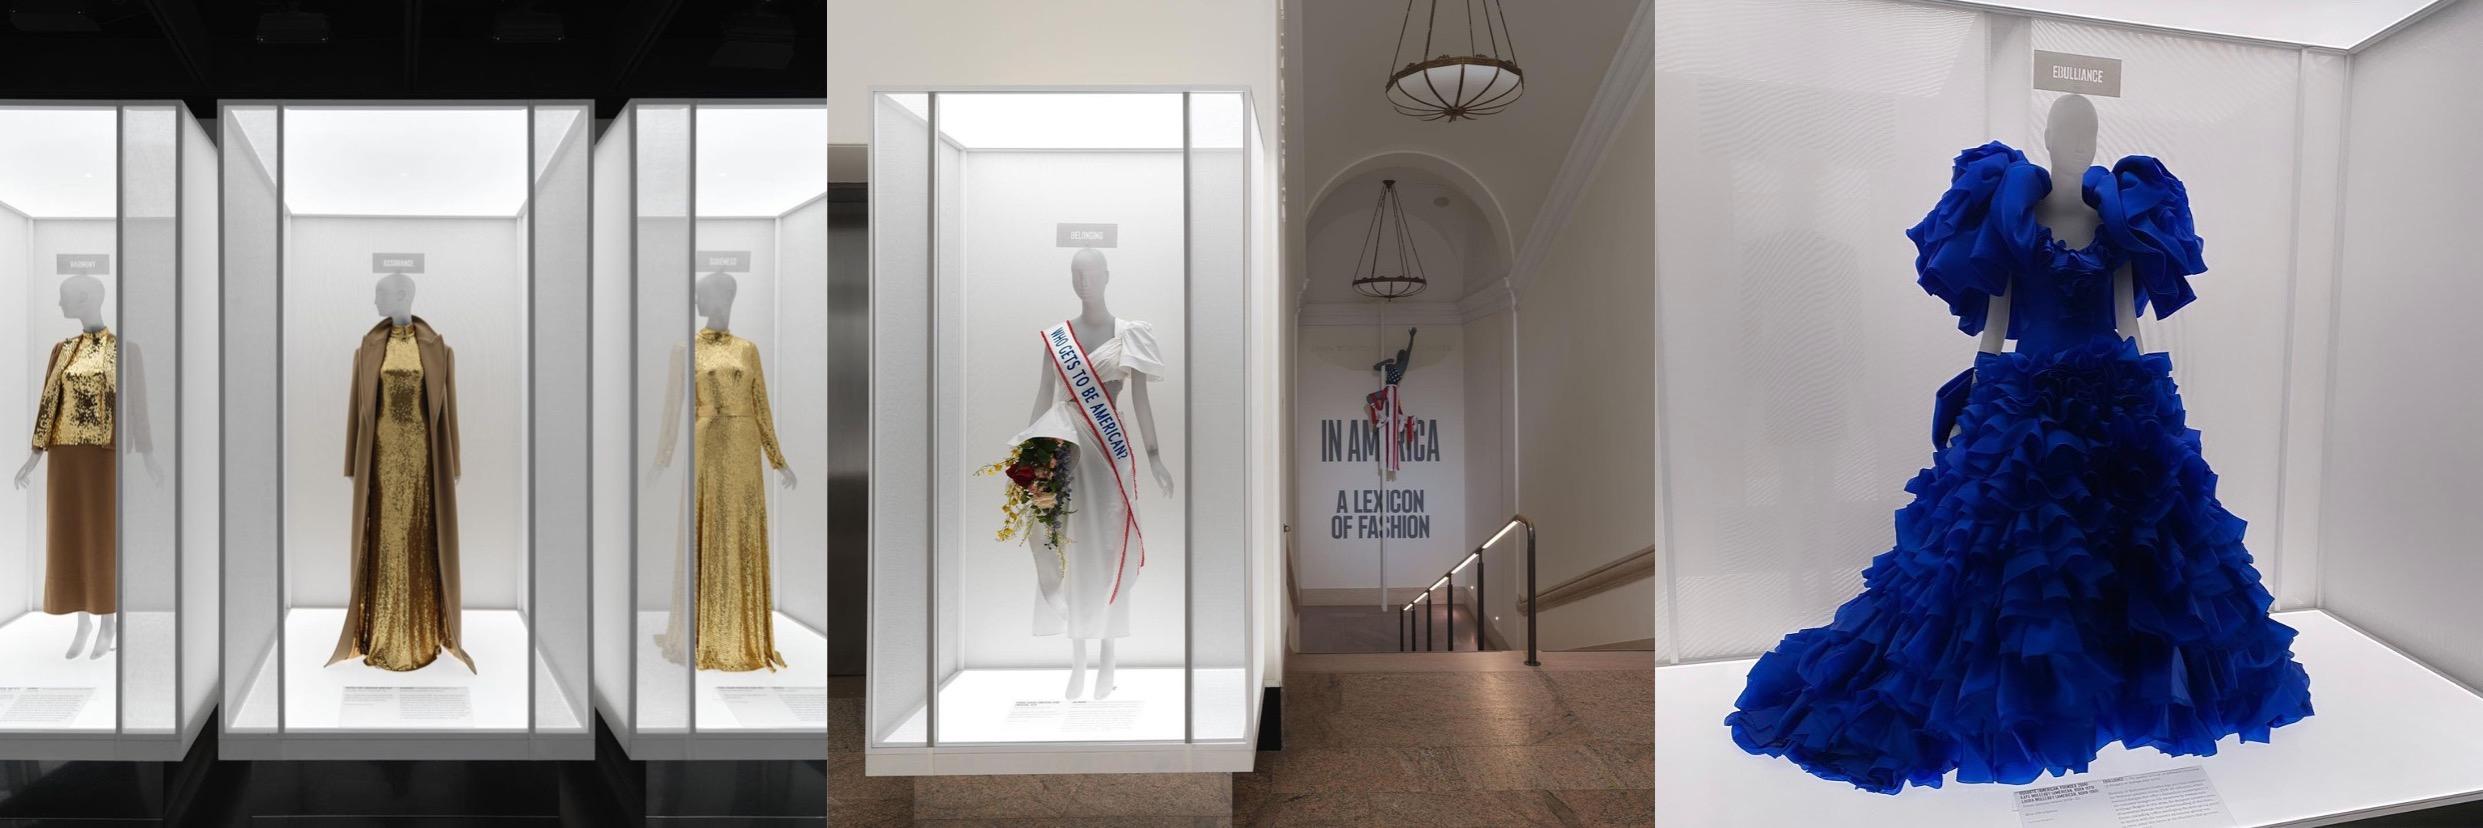 (Pameran In America: A Lexicon of Fashion yang akan dibuka untuk umum pada Sabtu, 18 September 2021)